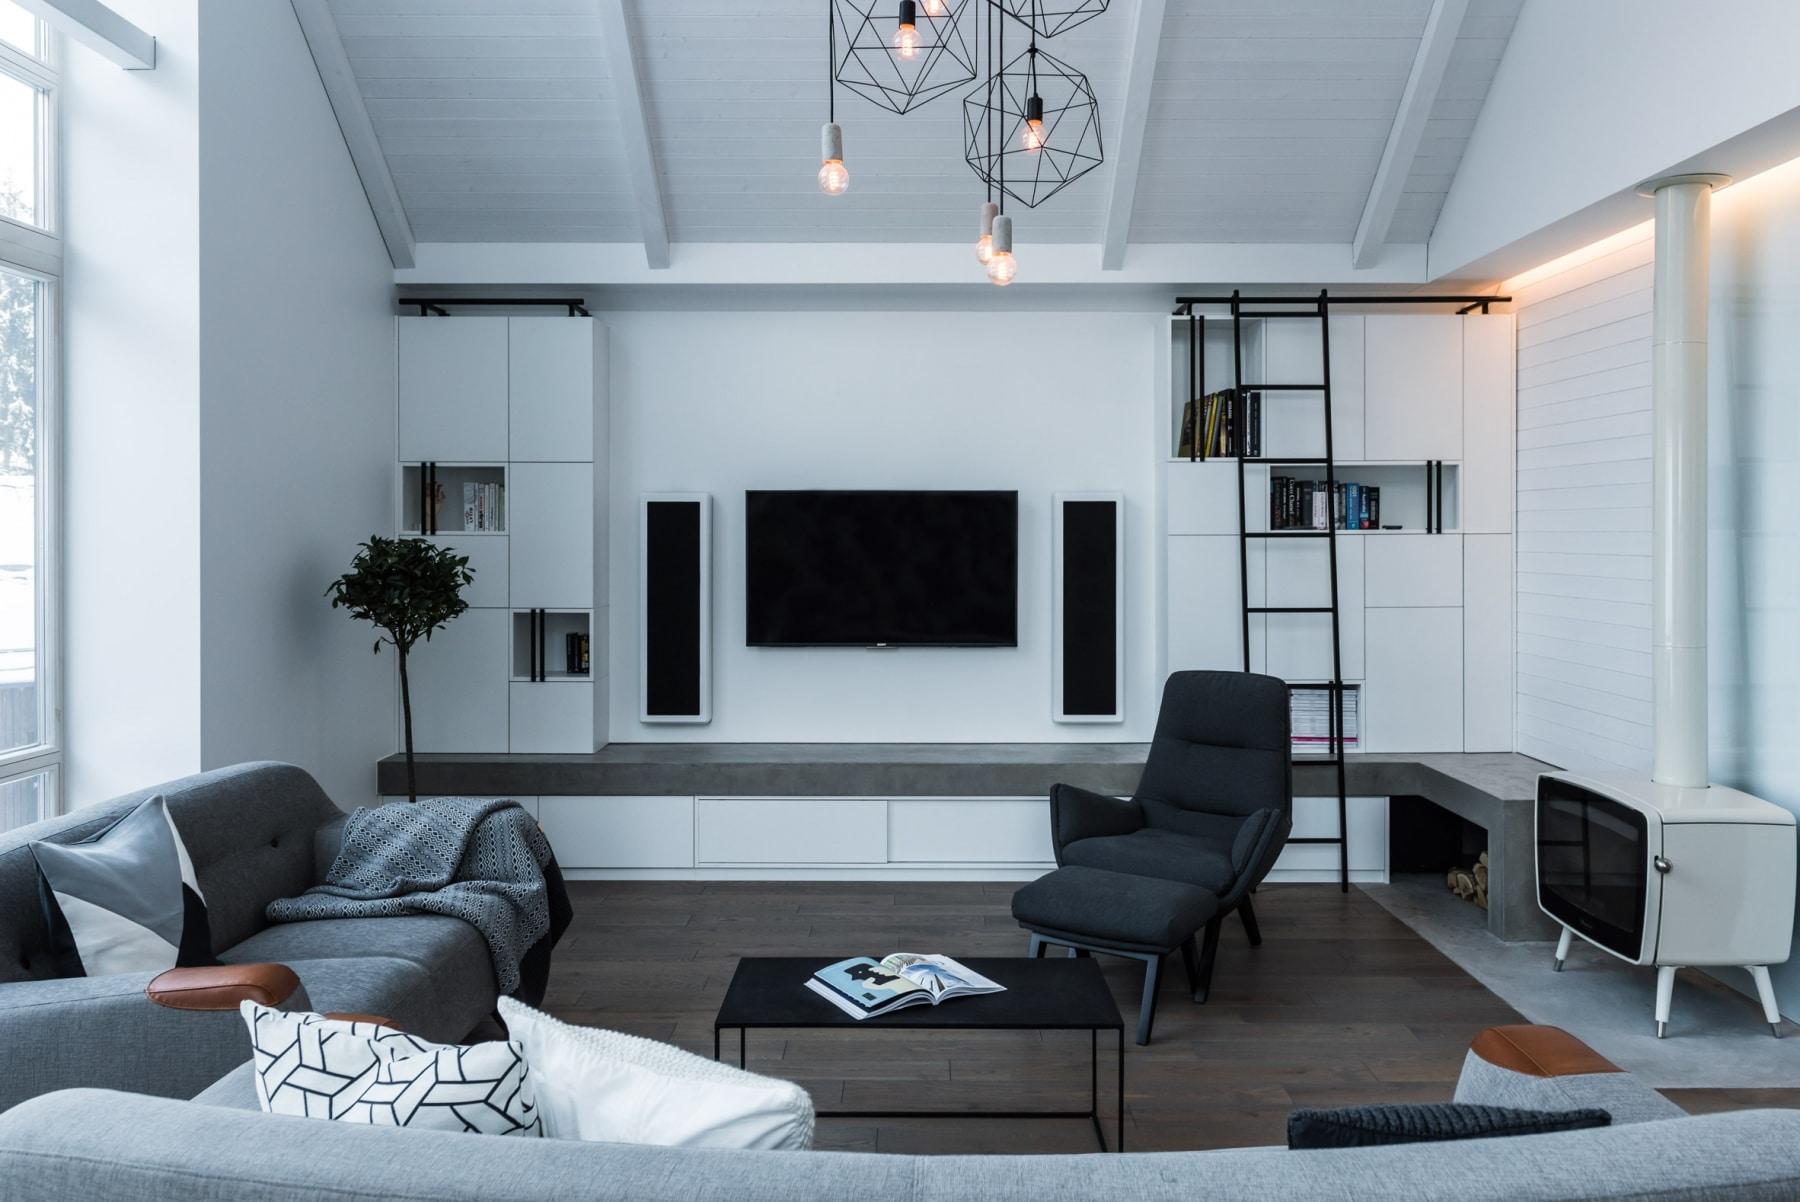 monochrome design interior